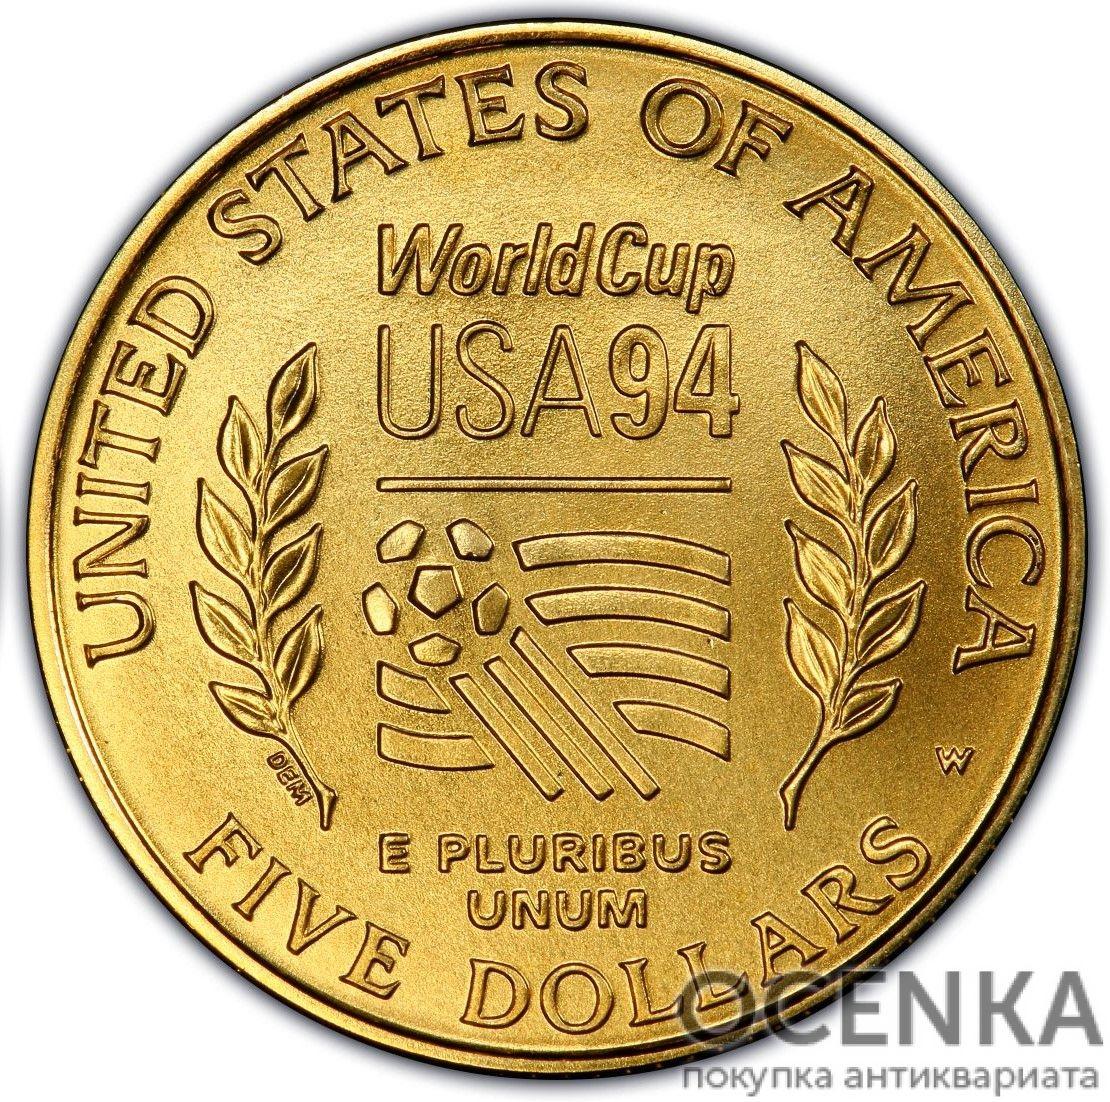 Золотая монета 5 Dollars (5 долларов) США - 16